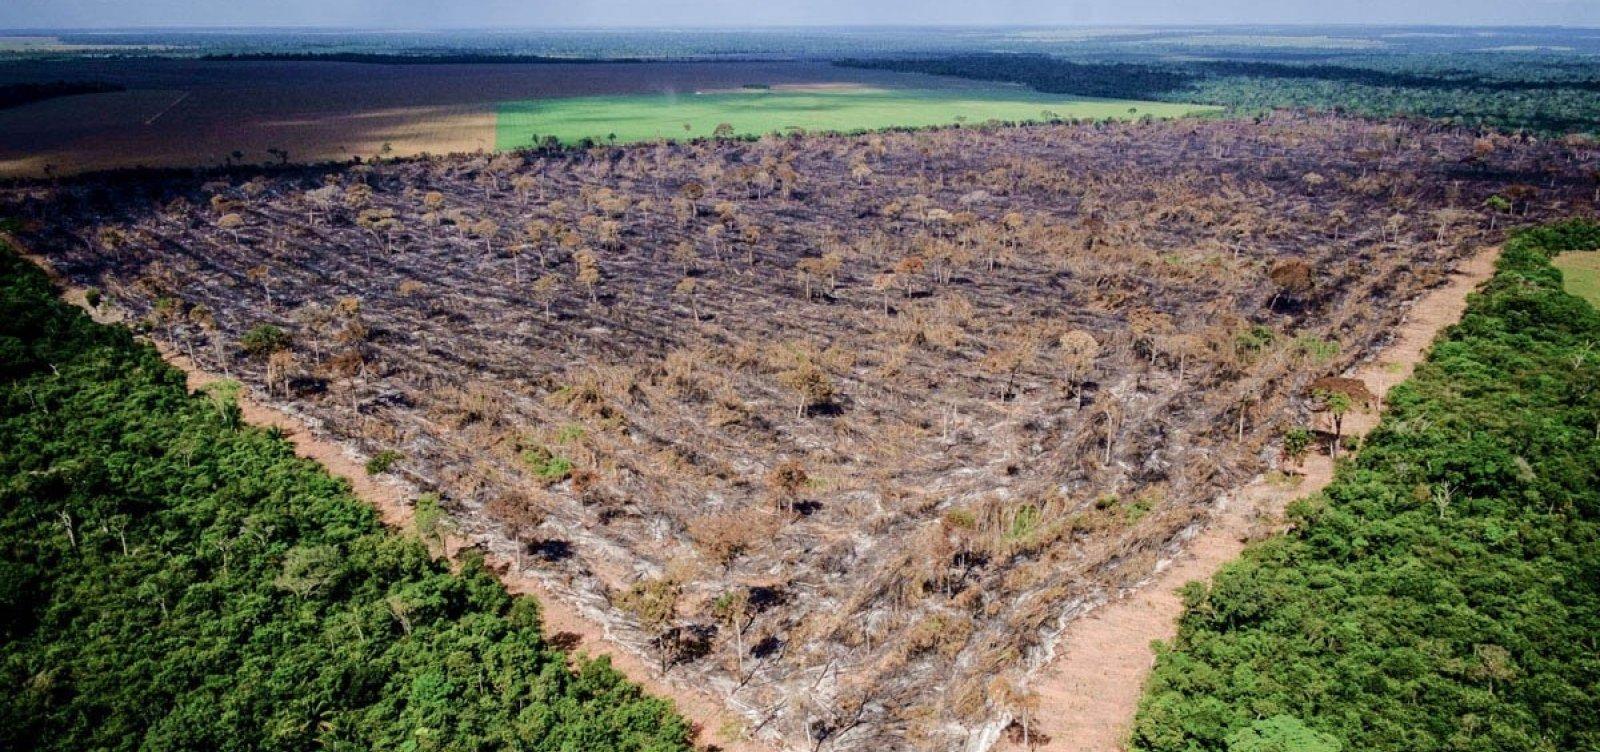 [Repasses alemães para projetos ambientais equivalem em 1 ano a 4 vezes o orçamento do Ibama]